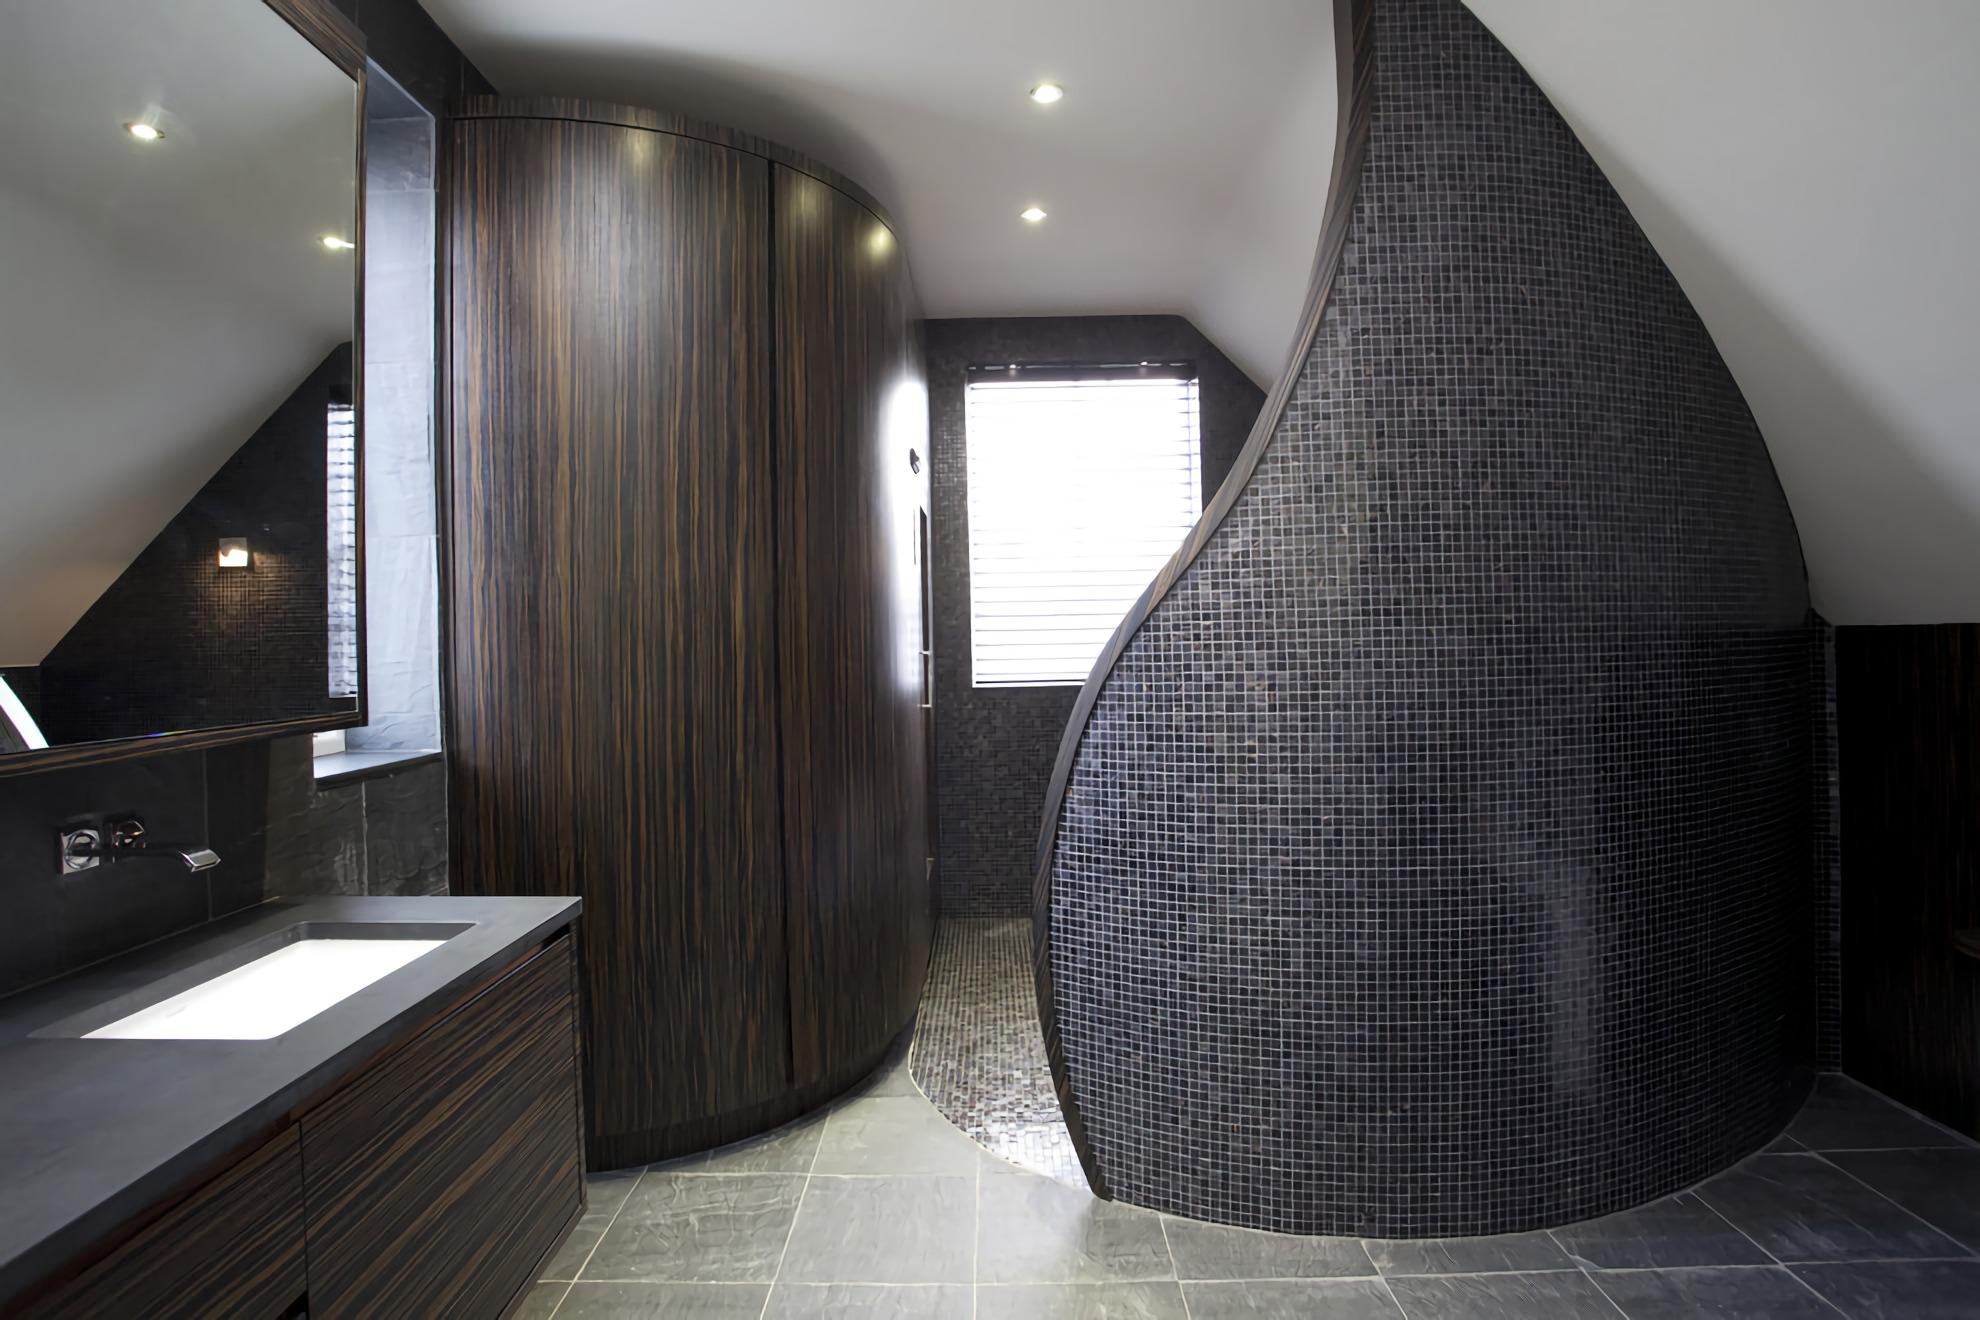 Luxus Badezimmer Einrichtung Wunderbar On In Bezug Auf Design Ideen 8